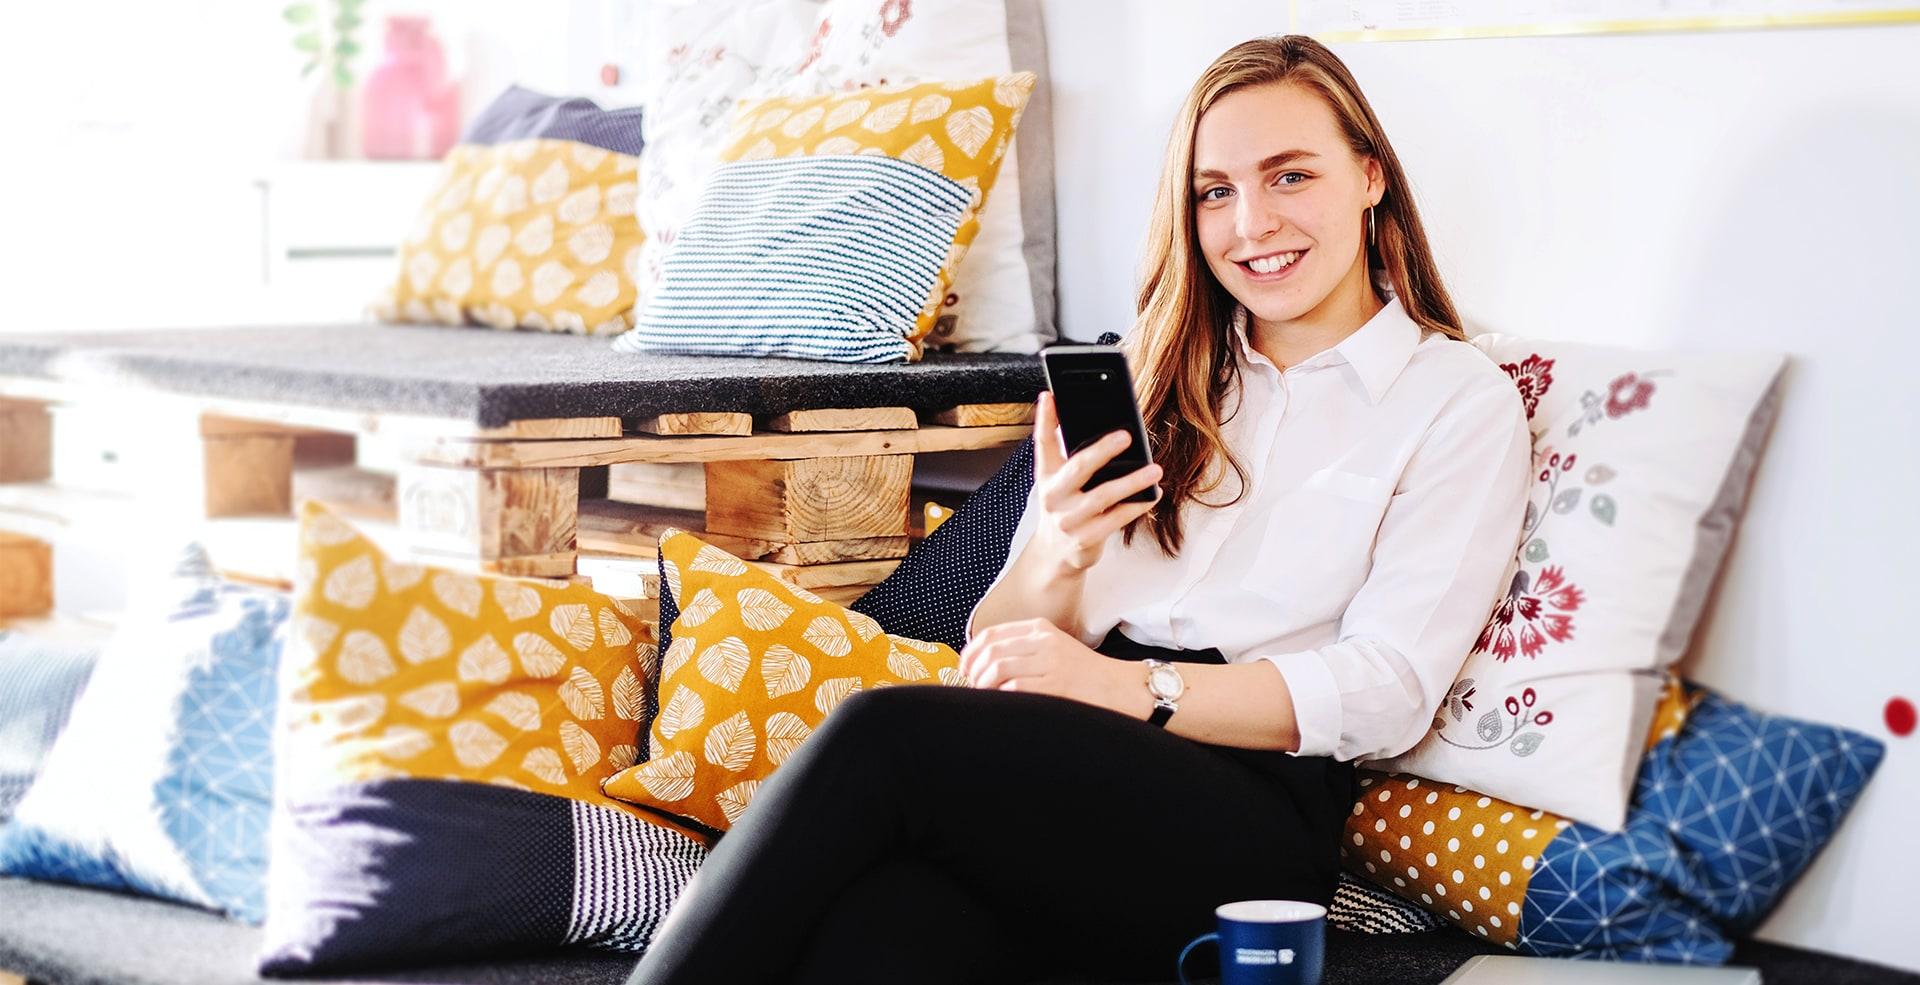 Mitarbeiterin auf der Couch mit Smartphone in der Hand.